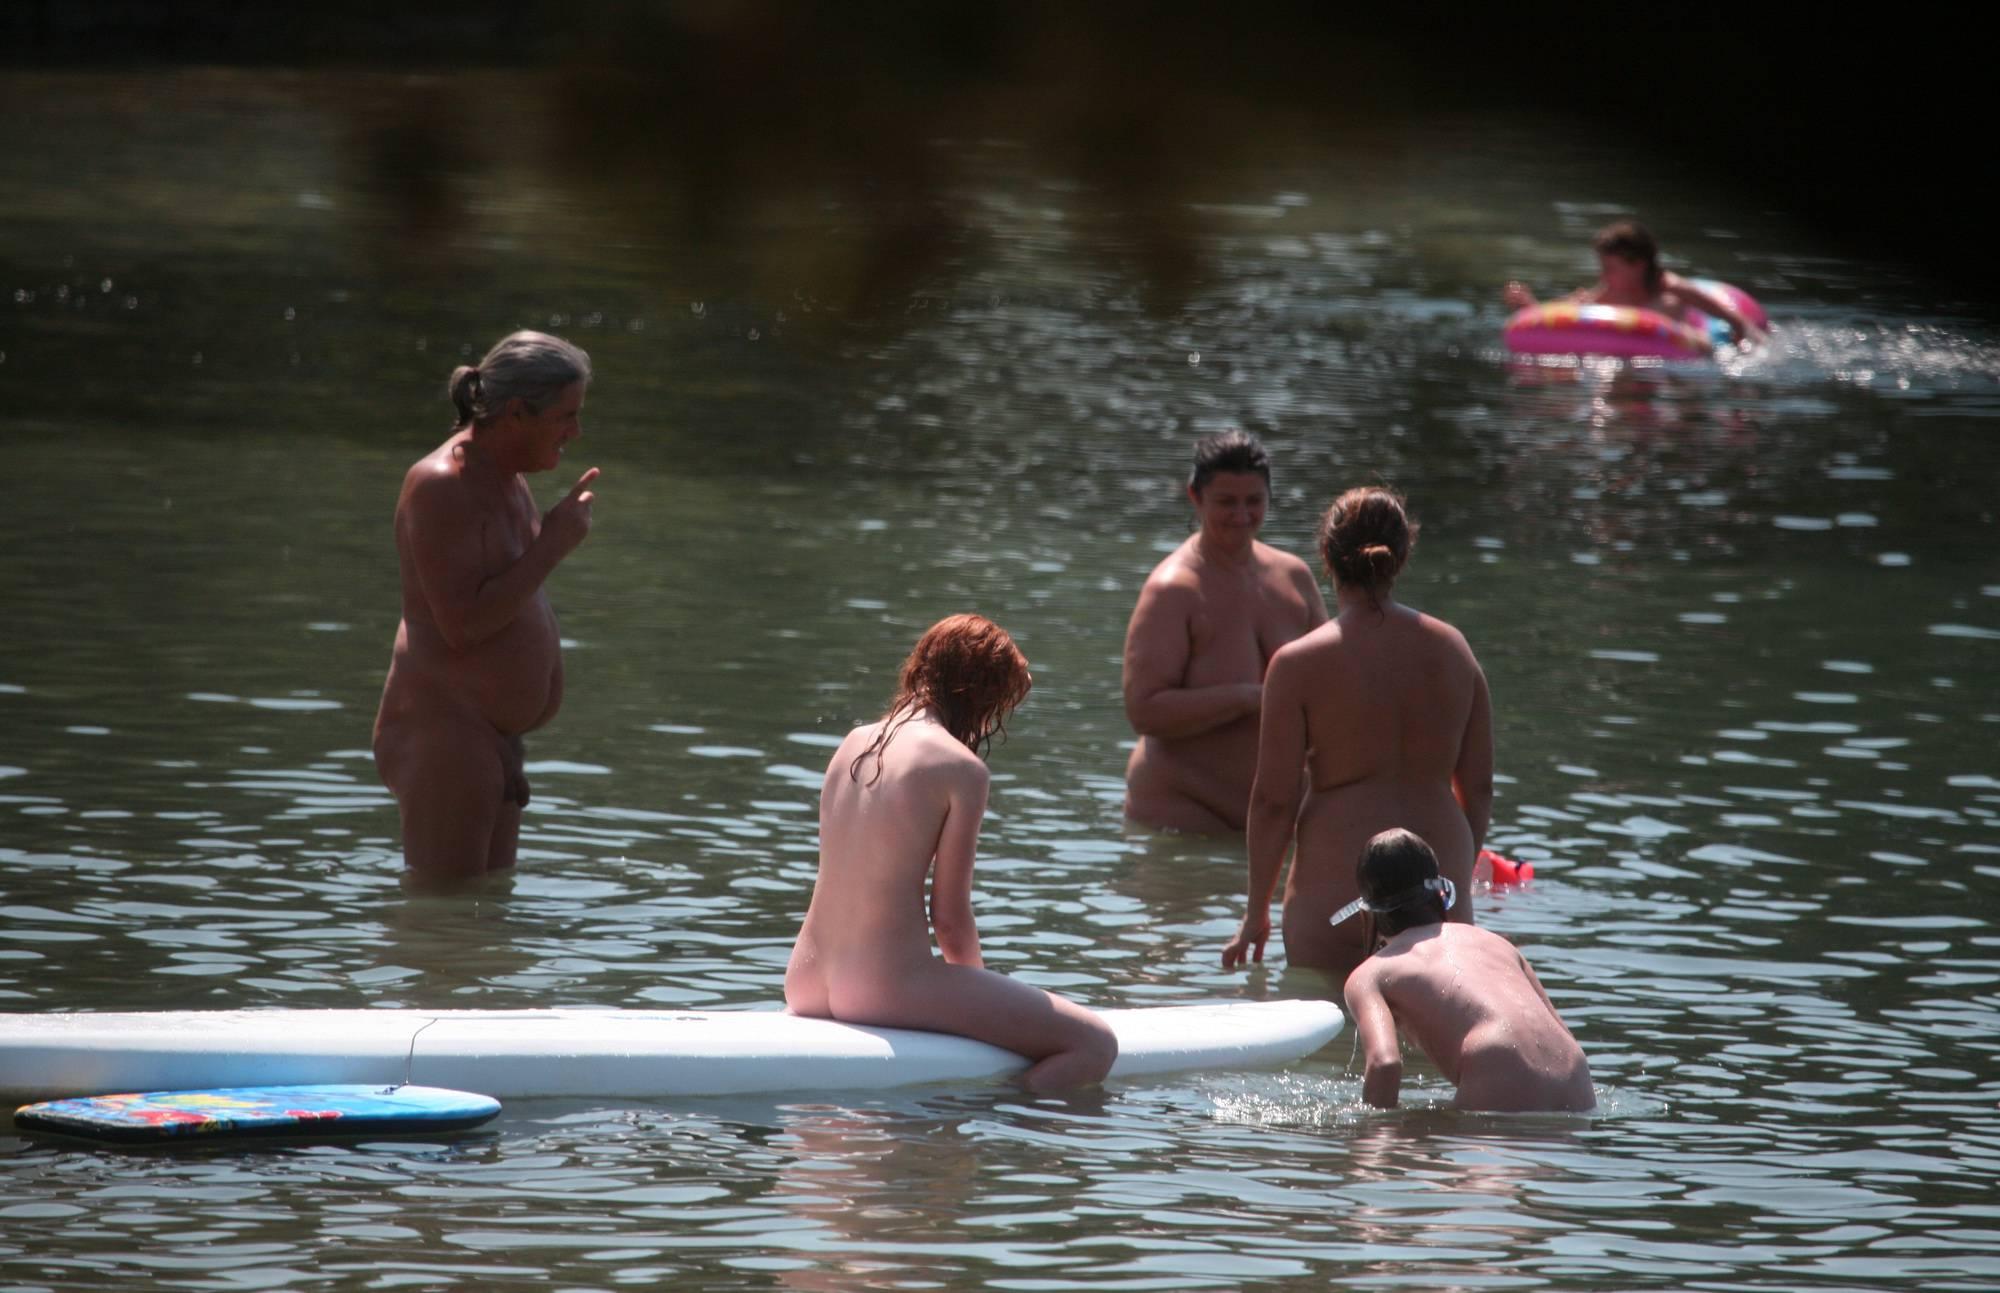 Nudist Park Canoe Waters - 3